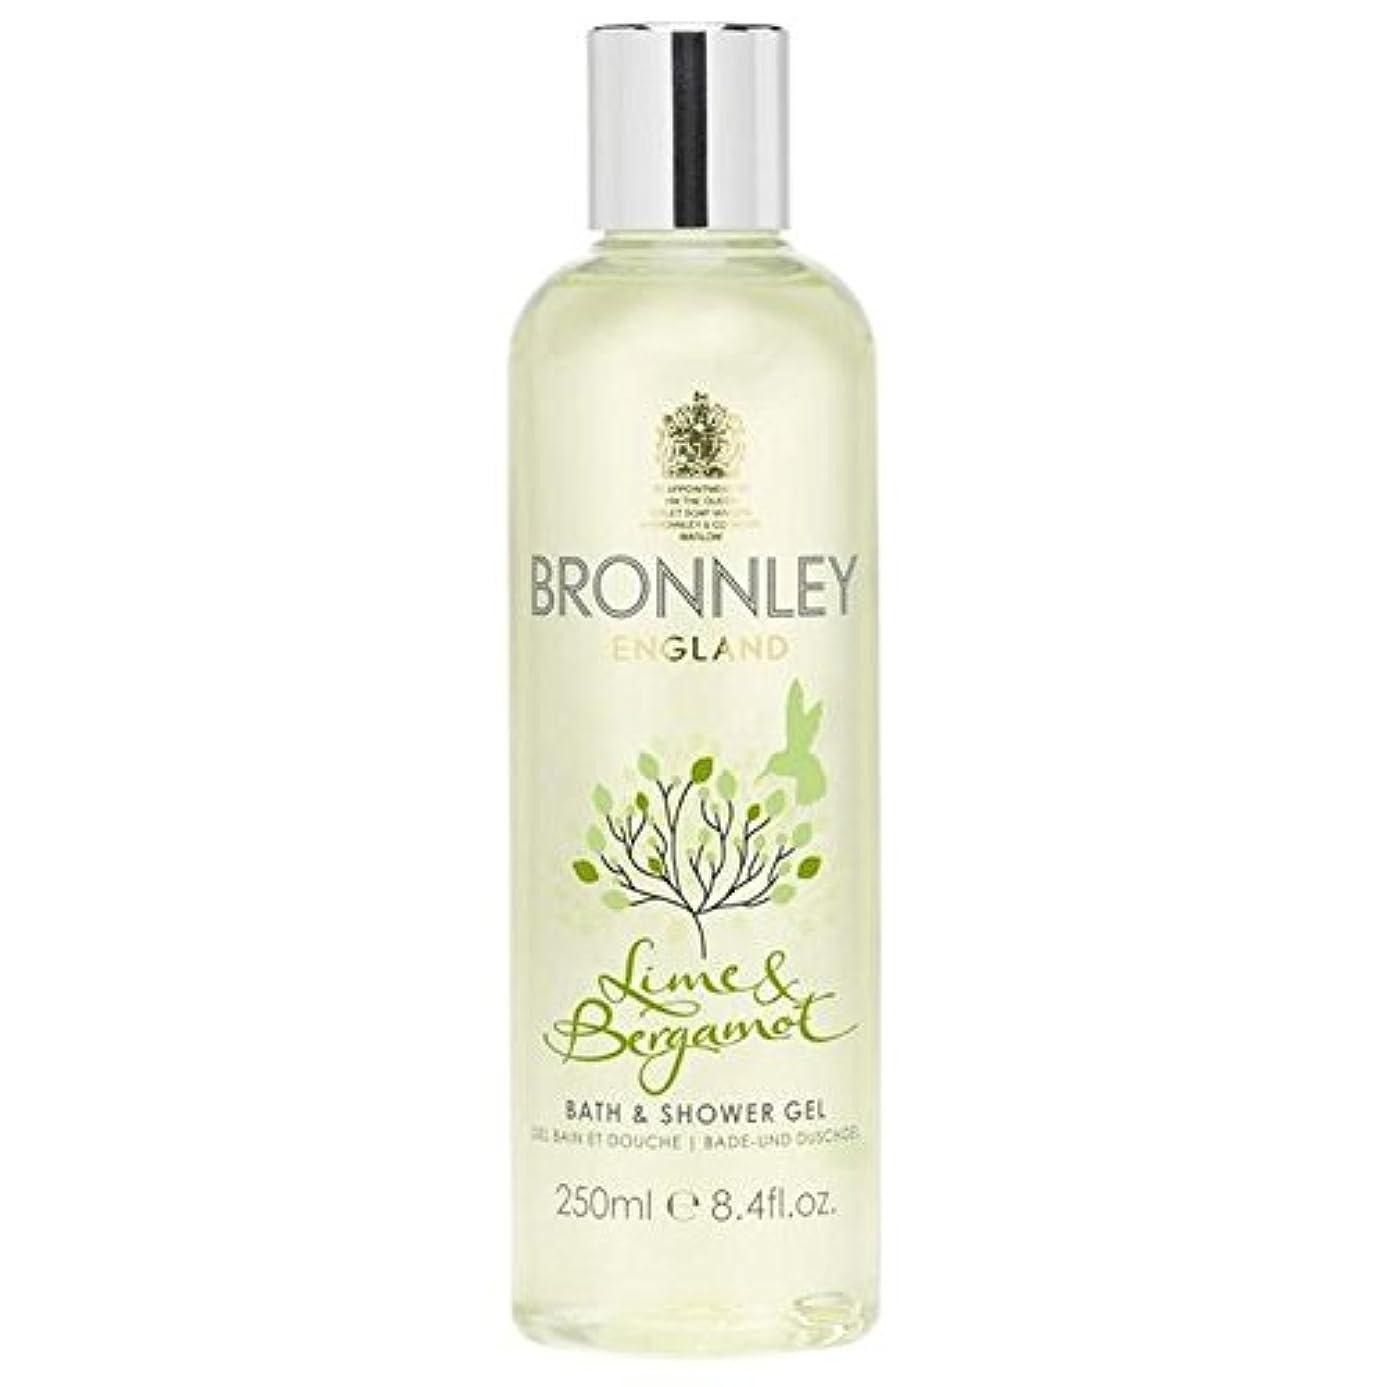 スープブレースアフリカライム&ベルガモットバス&シャワージェル250ミリリットル x4 - Bronnley Lime & Bergamot Bath & Shower Gel 250ml (Pack of 4) [並行輸入品]